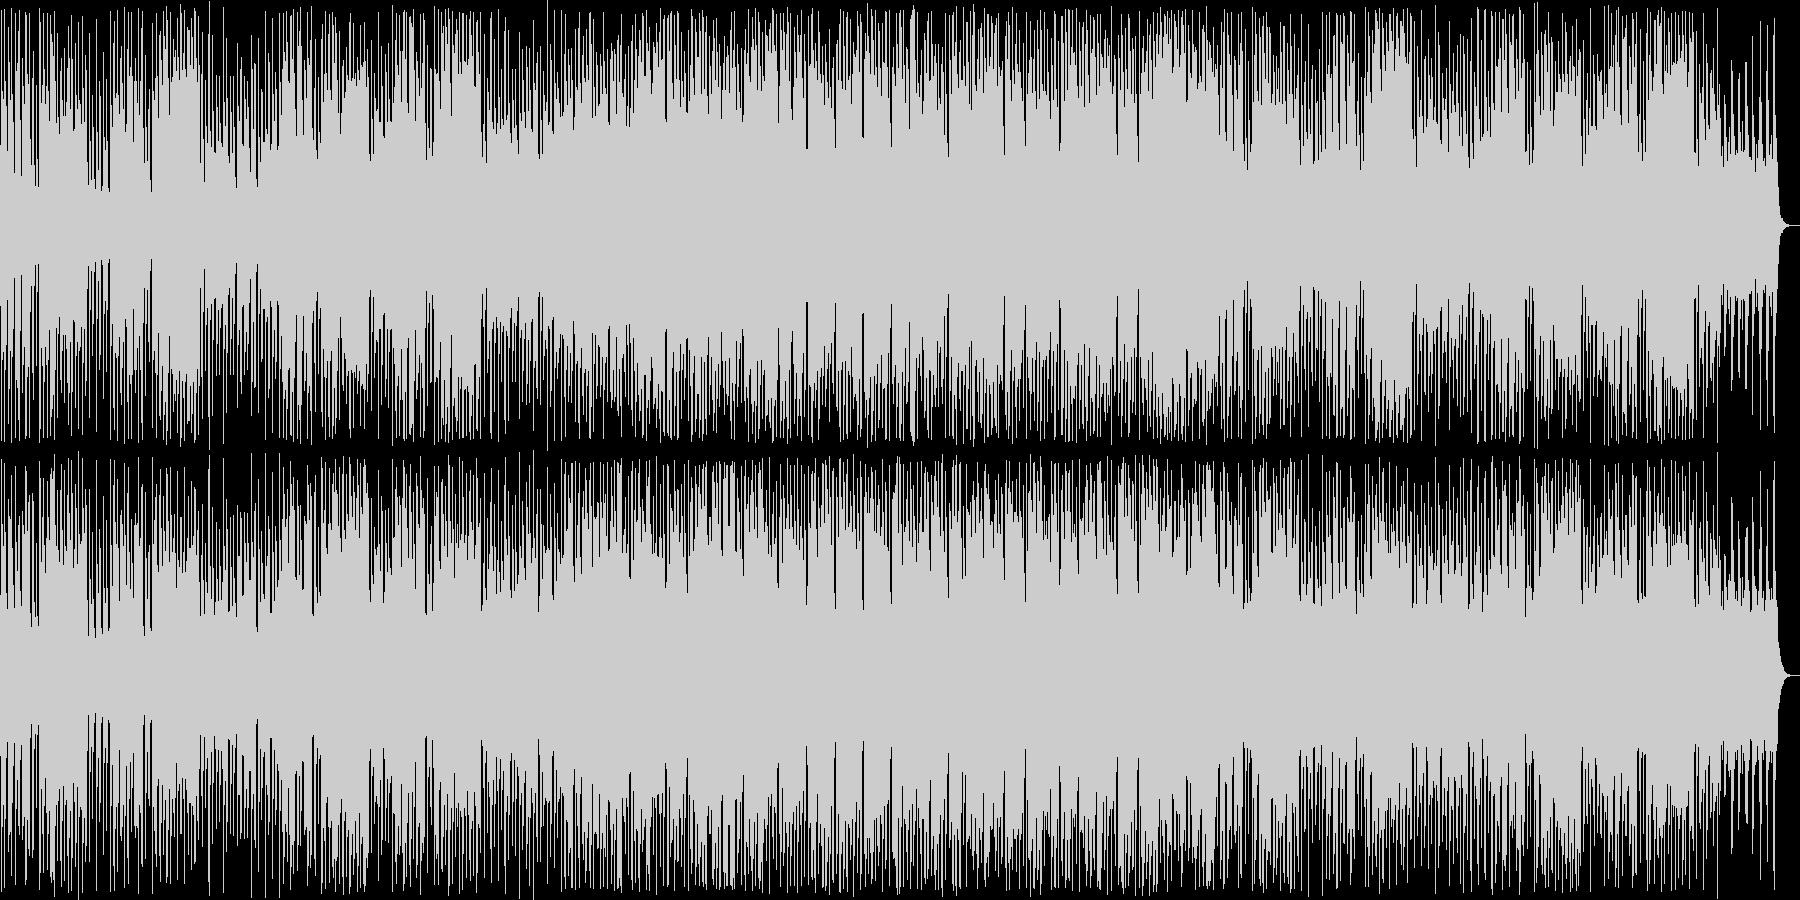 明るい管楽器シンセ系ポップの未再生の波形